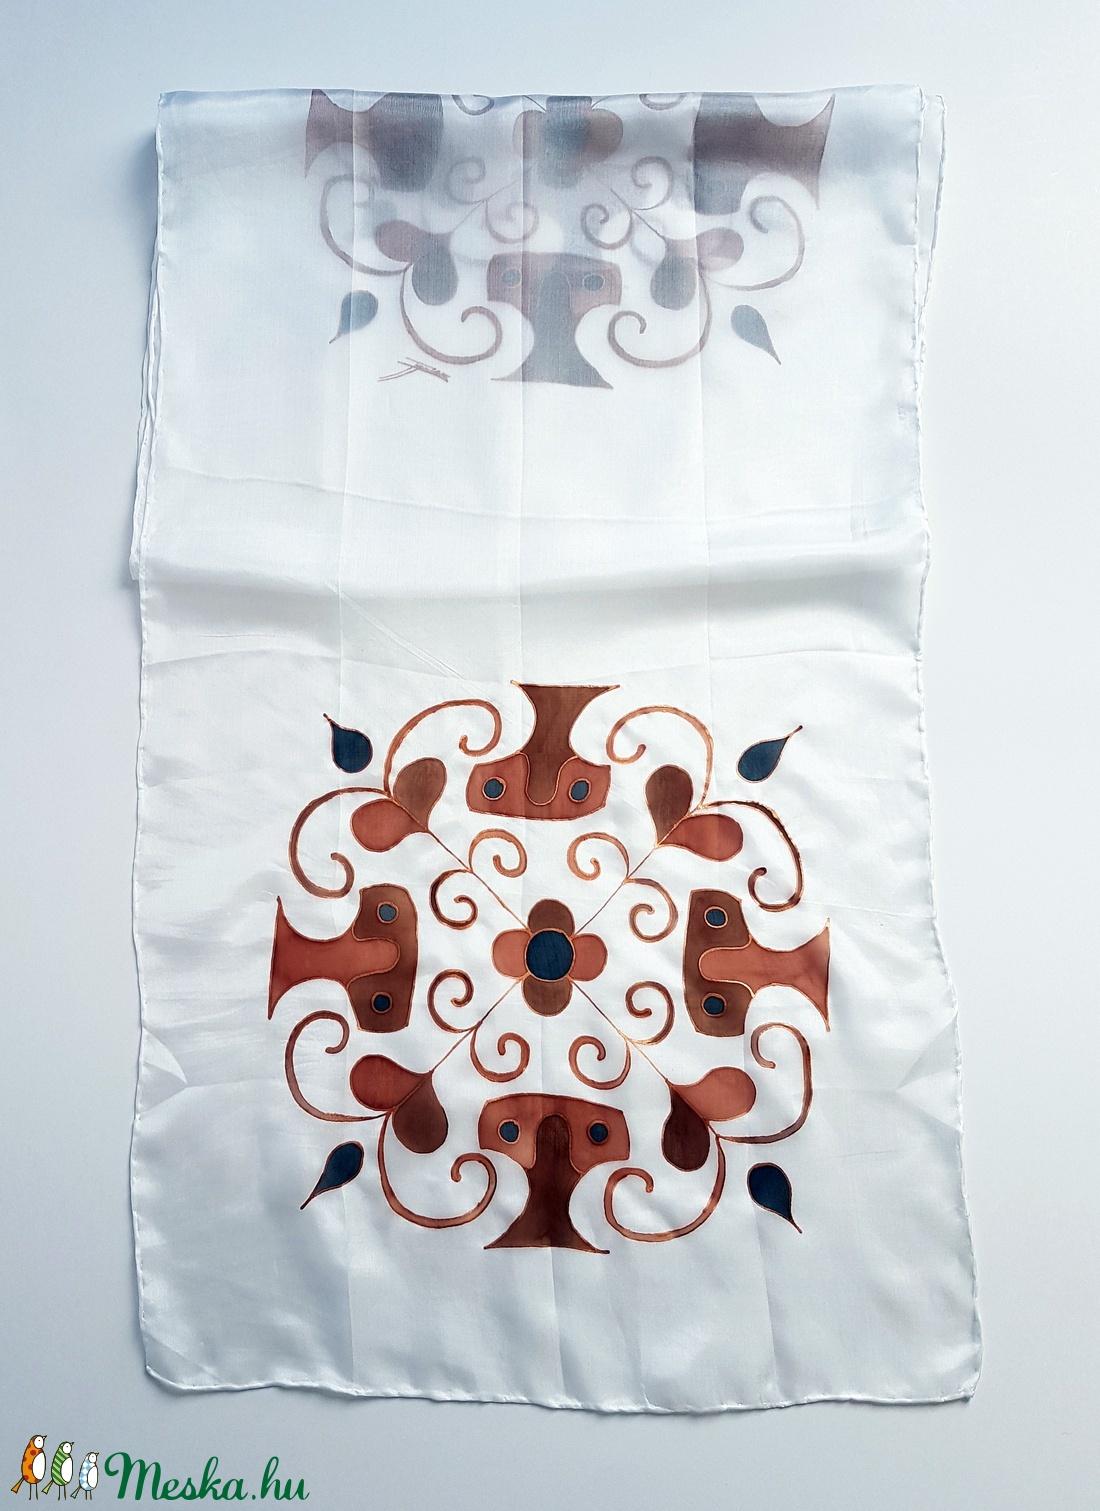 Kézzel festett SELYEMSÁL, ősi magyar népművészeti motívum, fehér, barna és bronz_44 - ruha & divat - sál, sapka, kendő - kendő - Meska.hu